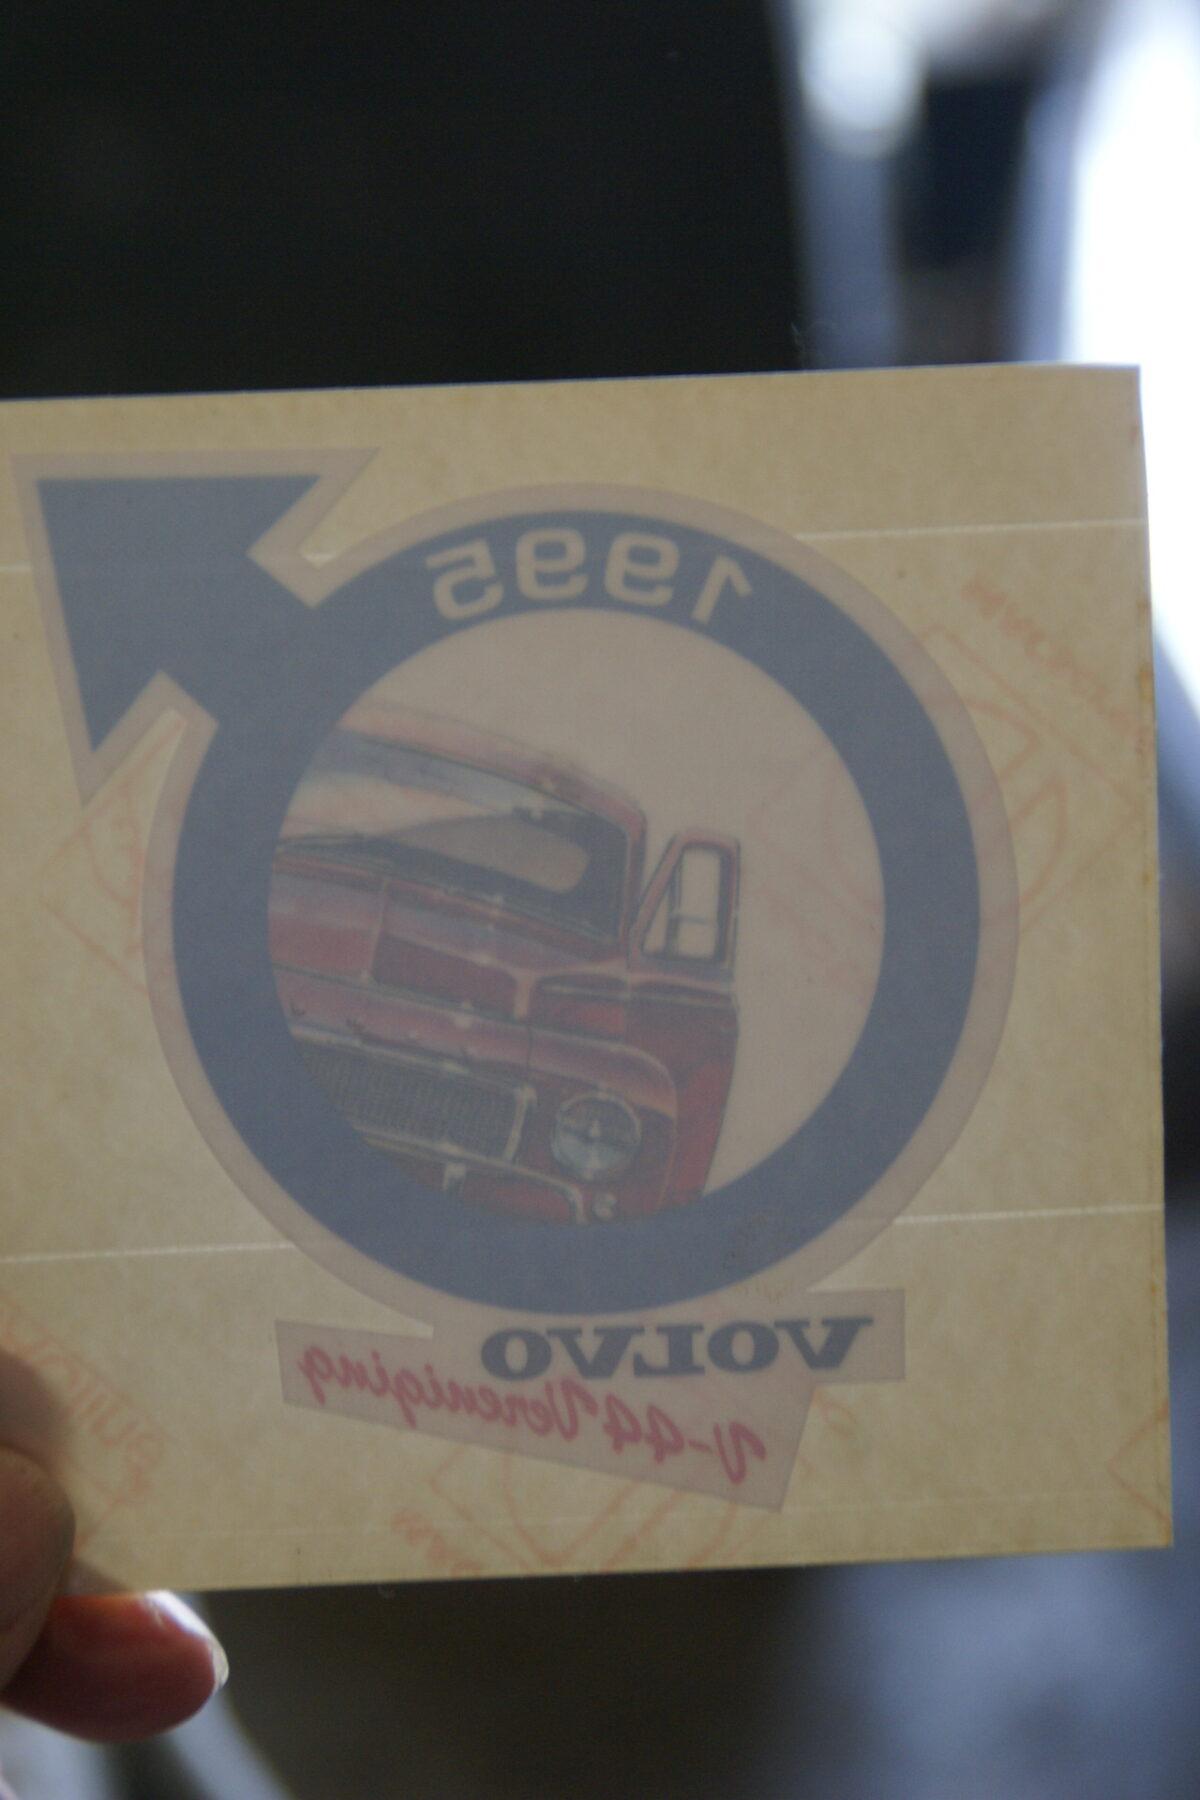 DSC02523 1995 sticker Volvo V44 Vereniging NOS-f0581ac1